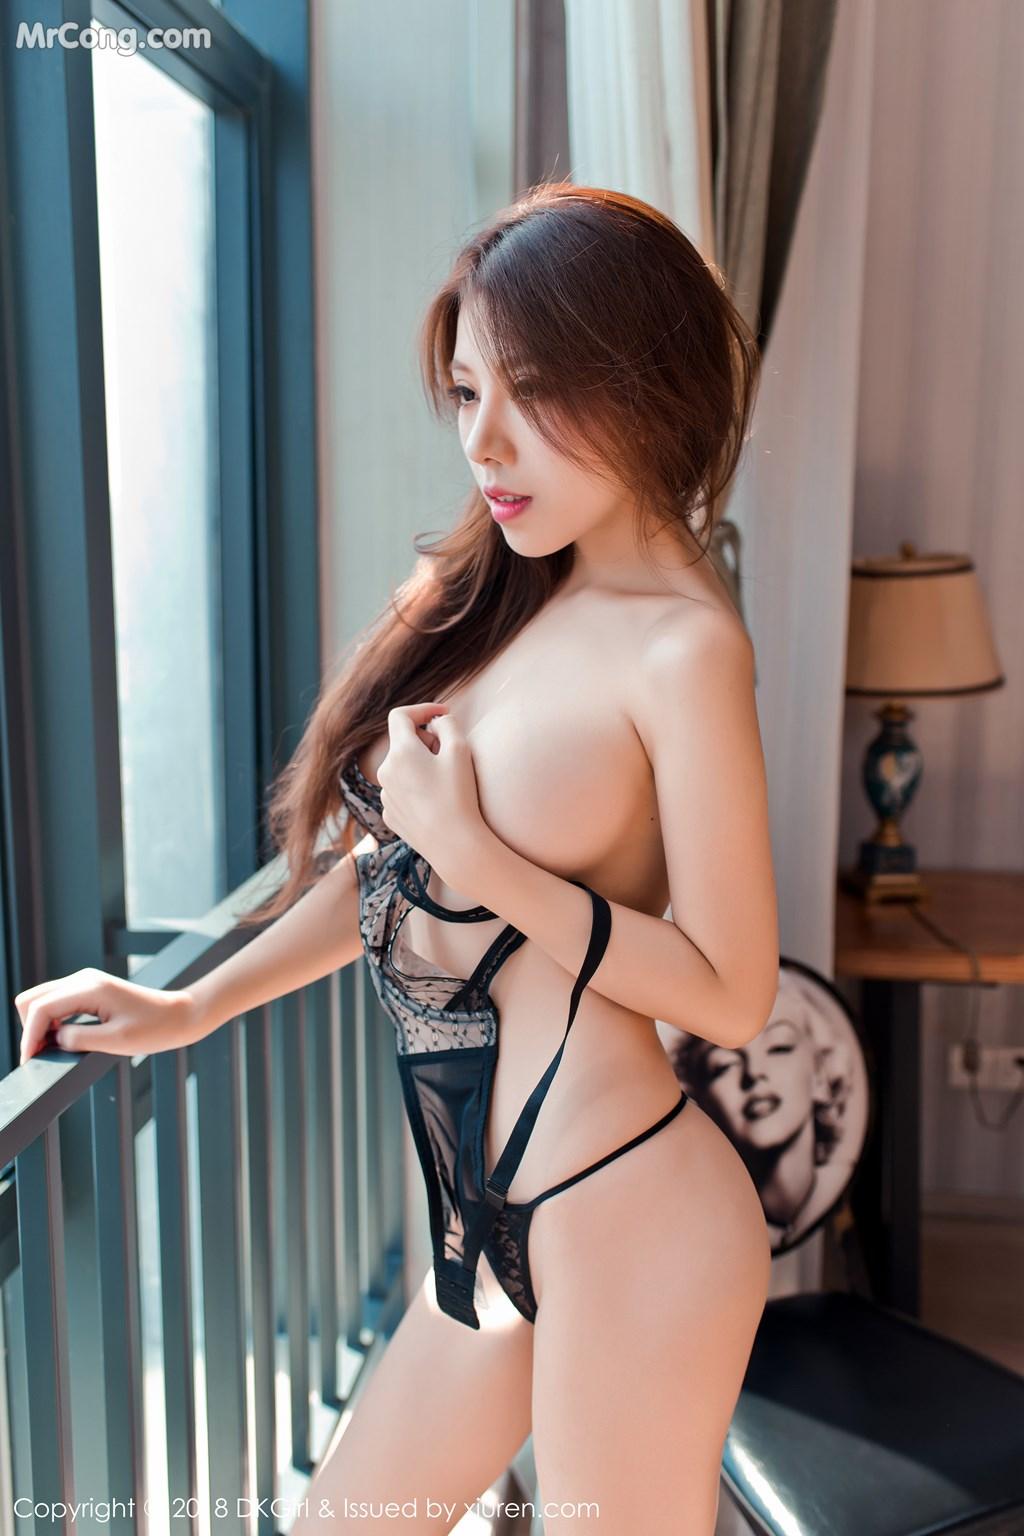 DKGirl Vol.089: Người mẫu Bing Bing Er (冰冰儿) (53 ảnh)